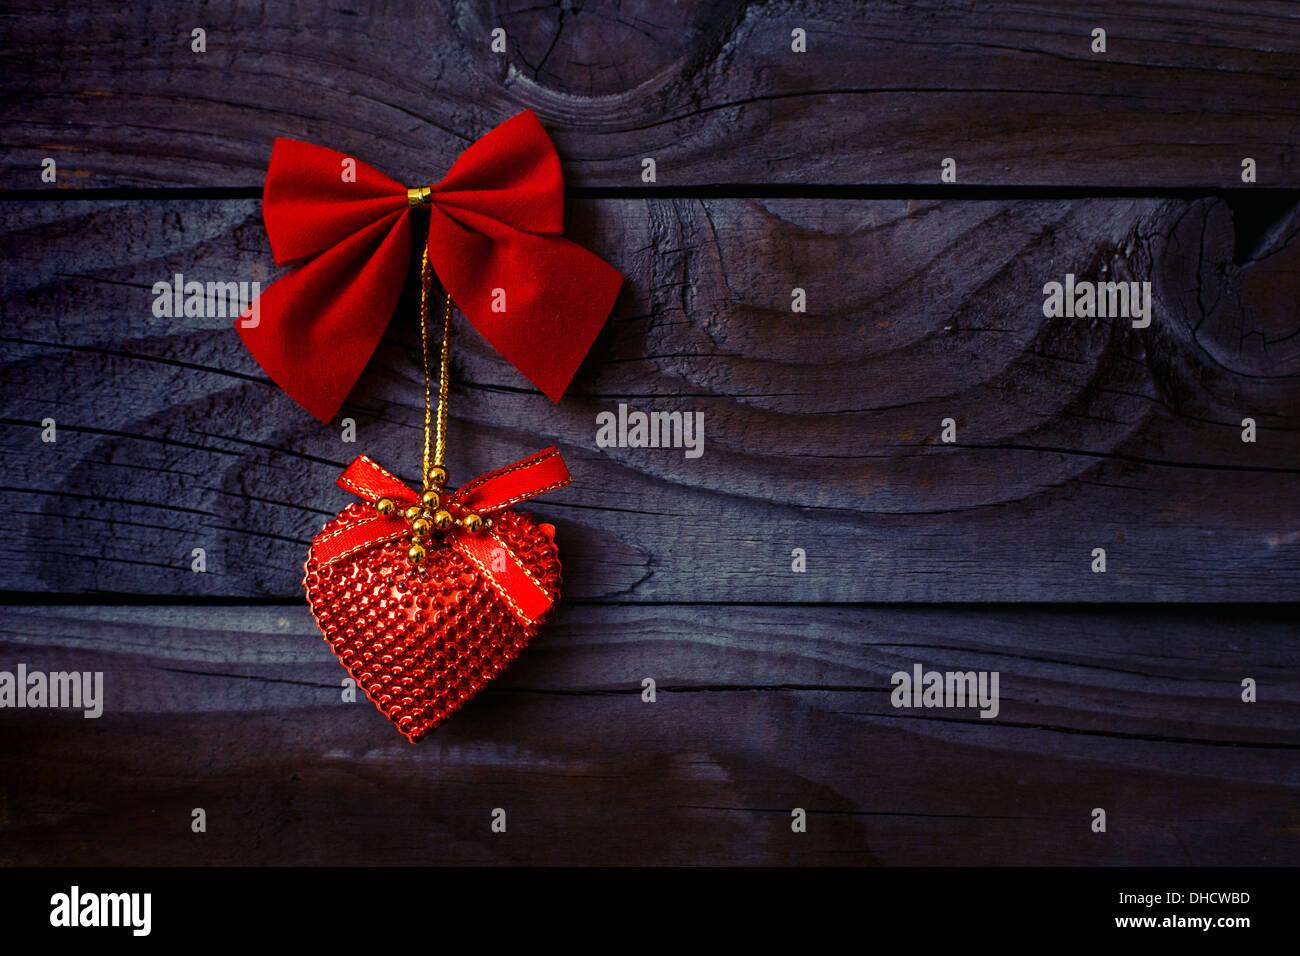 Año nuevo o Christmas background Imagen De Stock